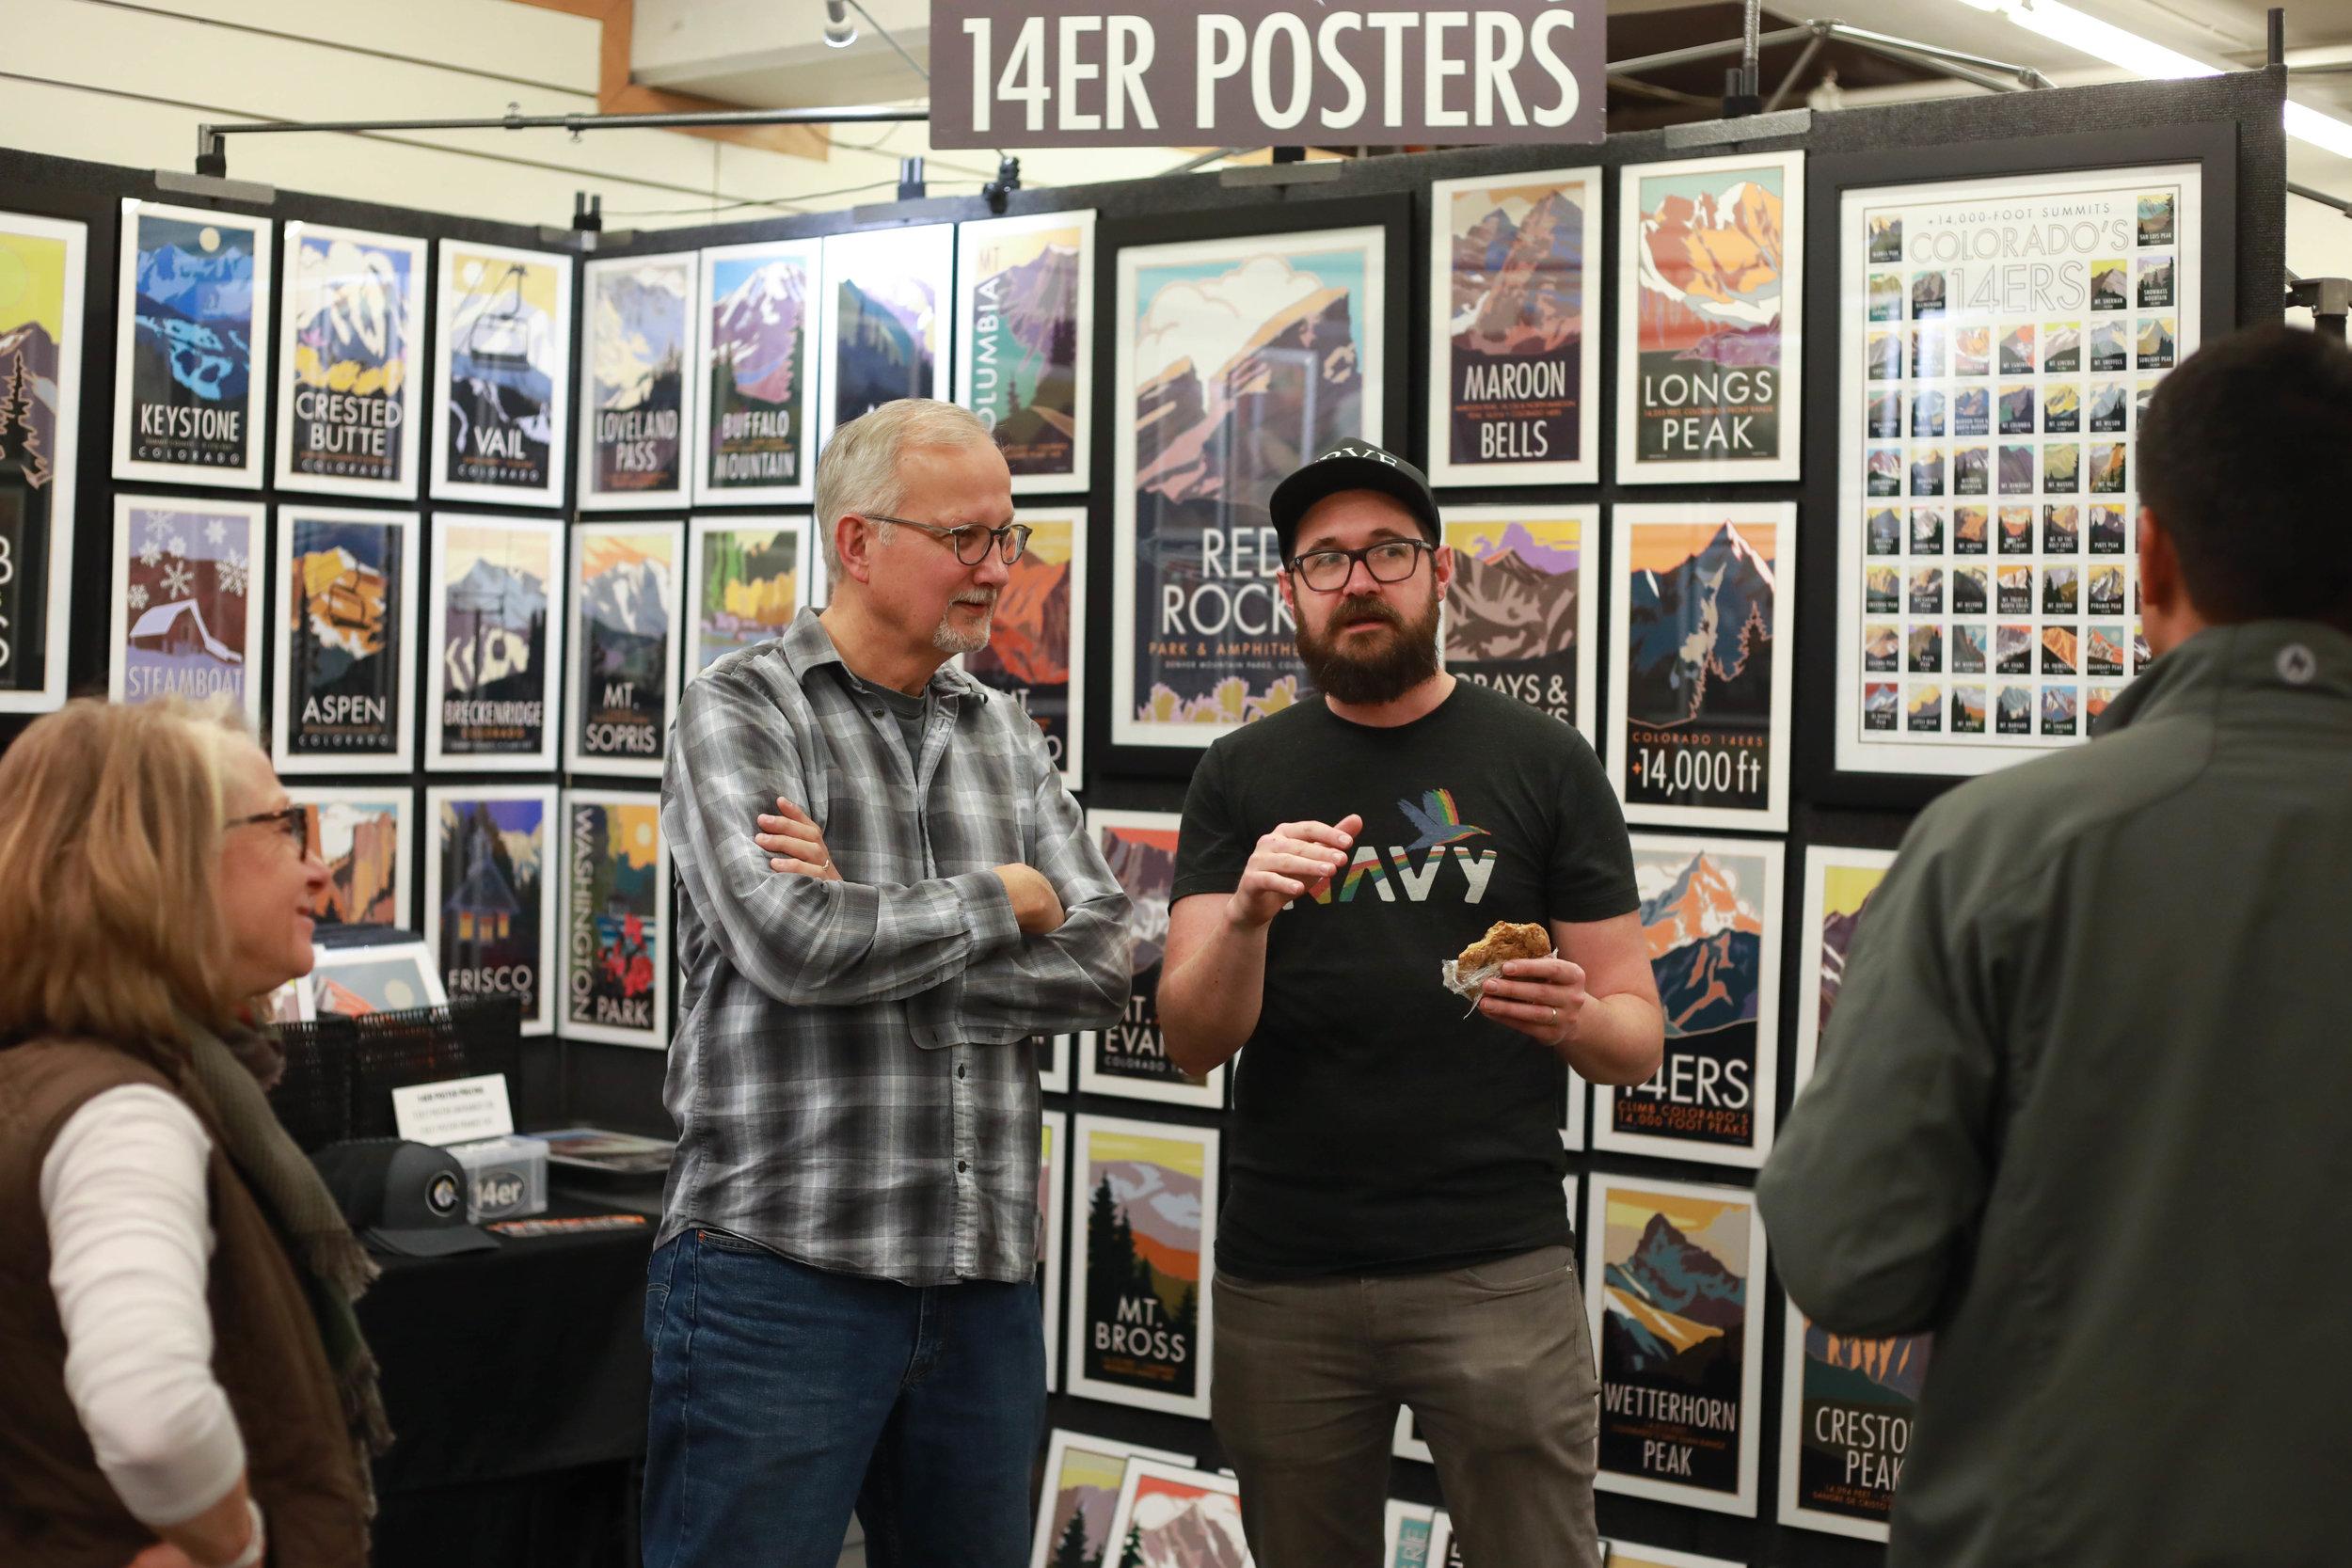 14er Posters talkin shop